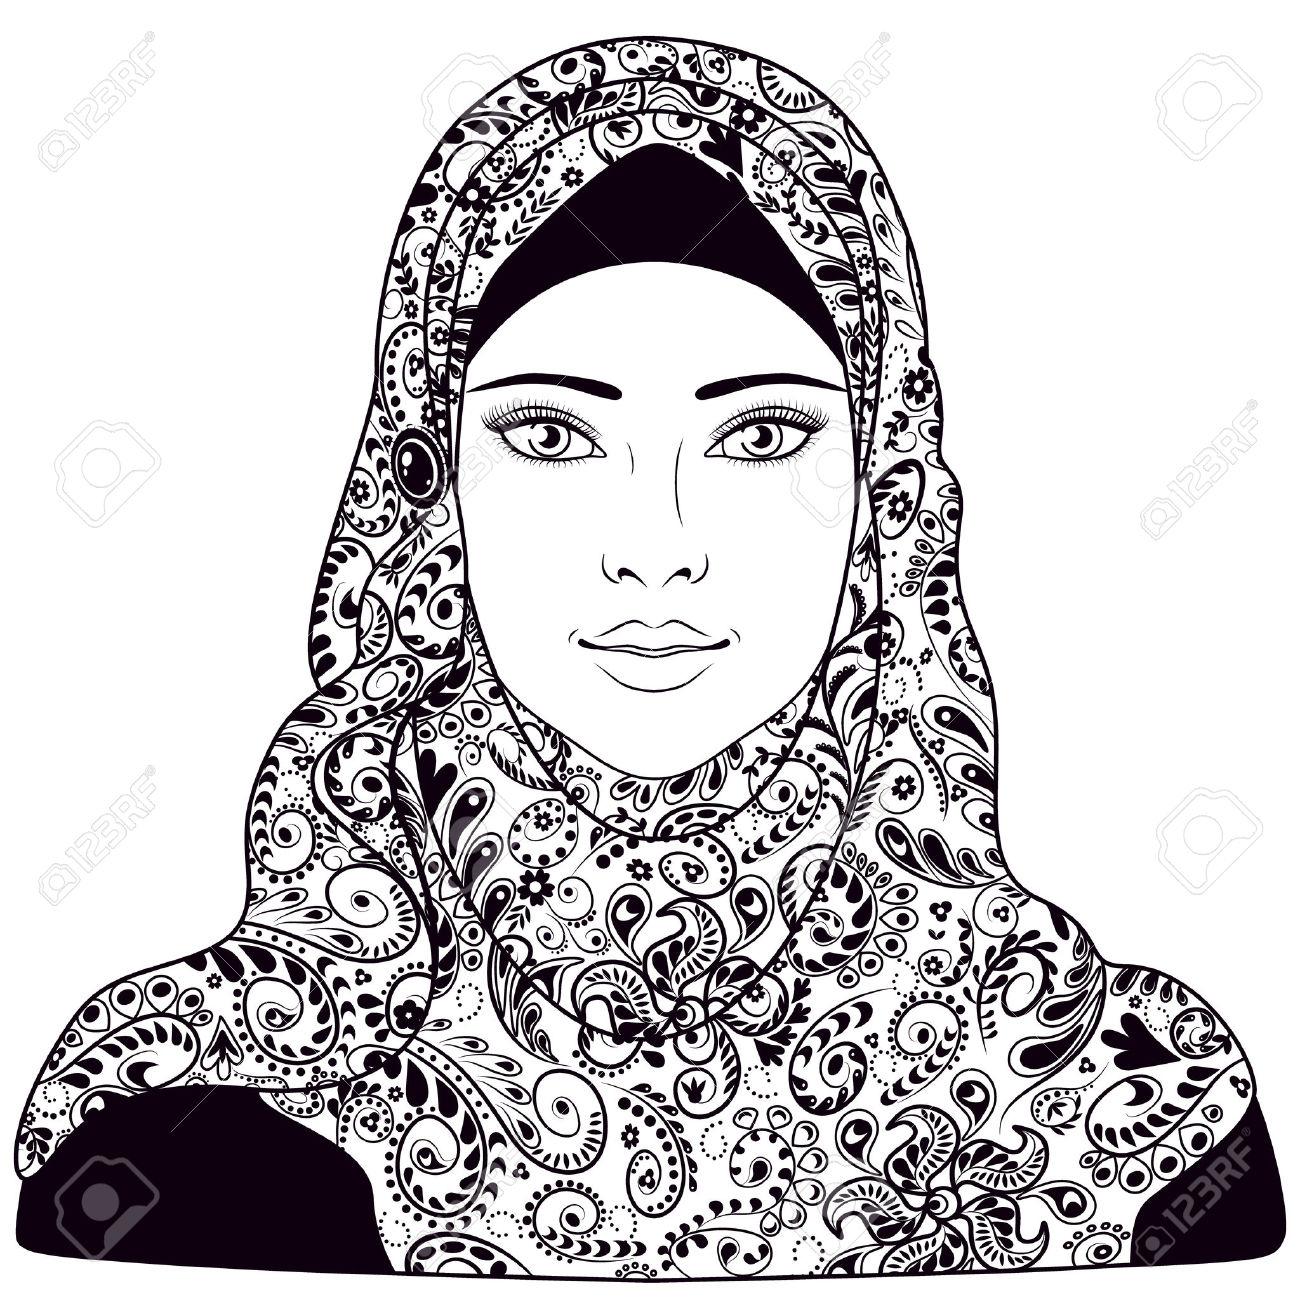 1300x1300 Sketch Of Muslim Girls Face Muslim Girl Dressed In Hijab. Black